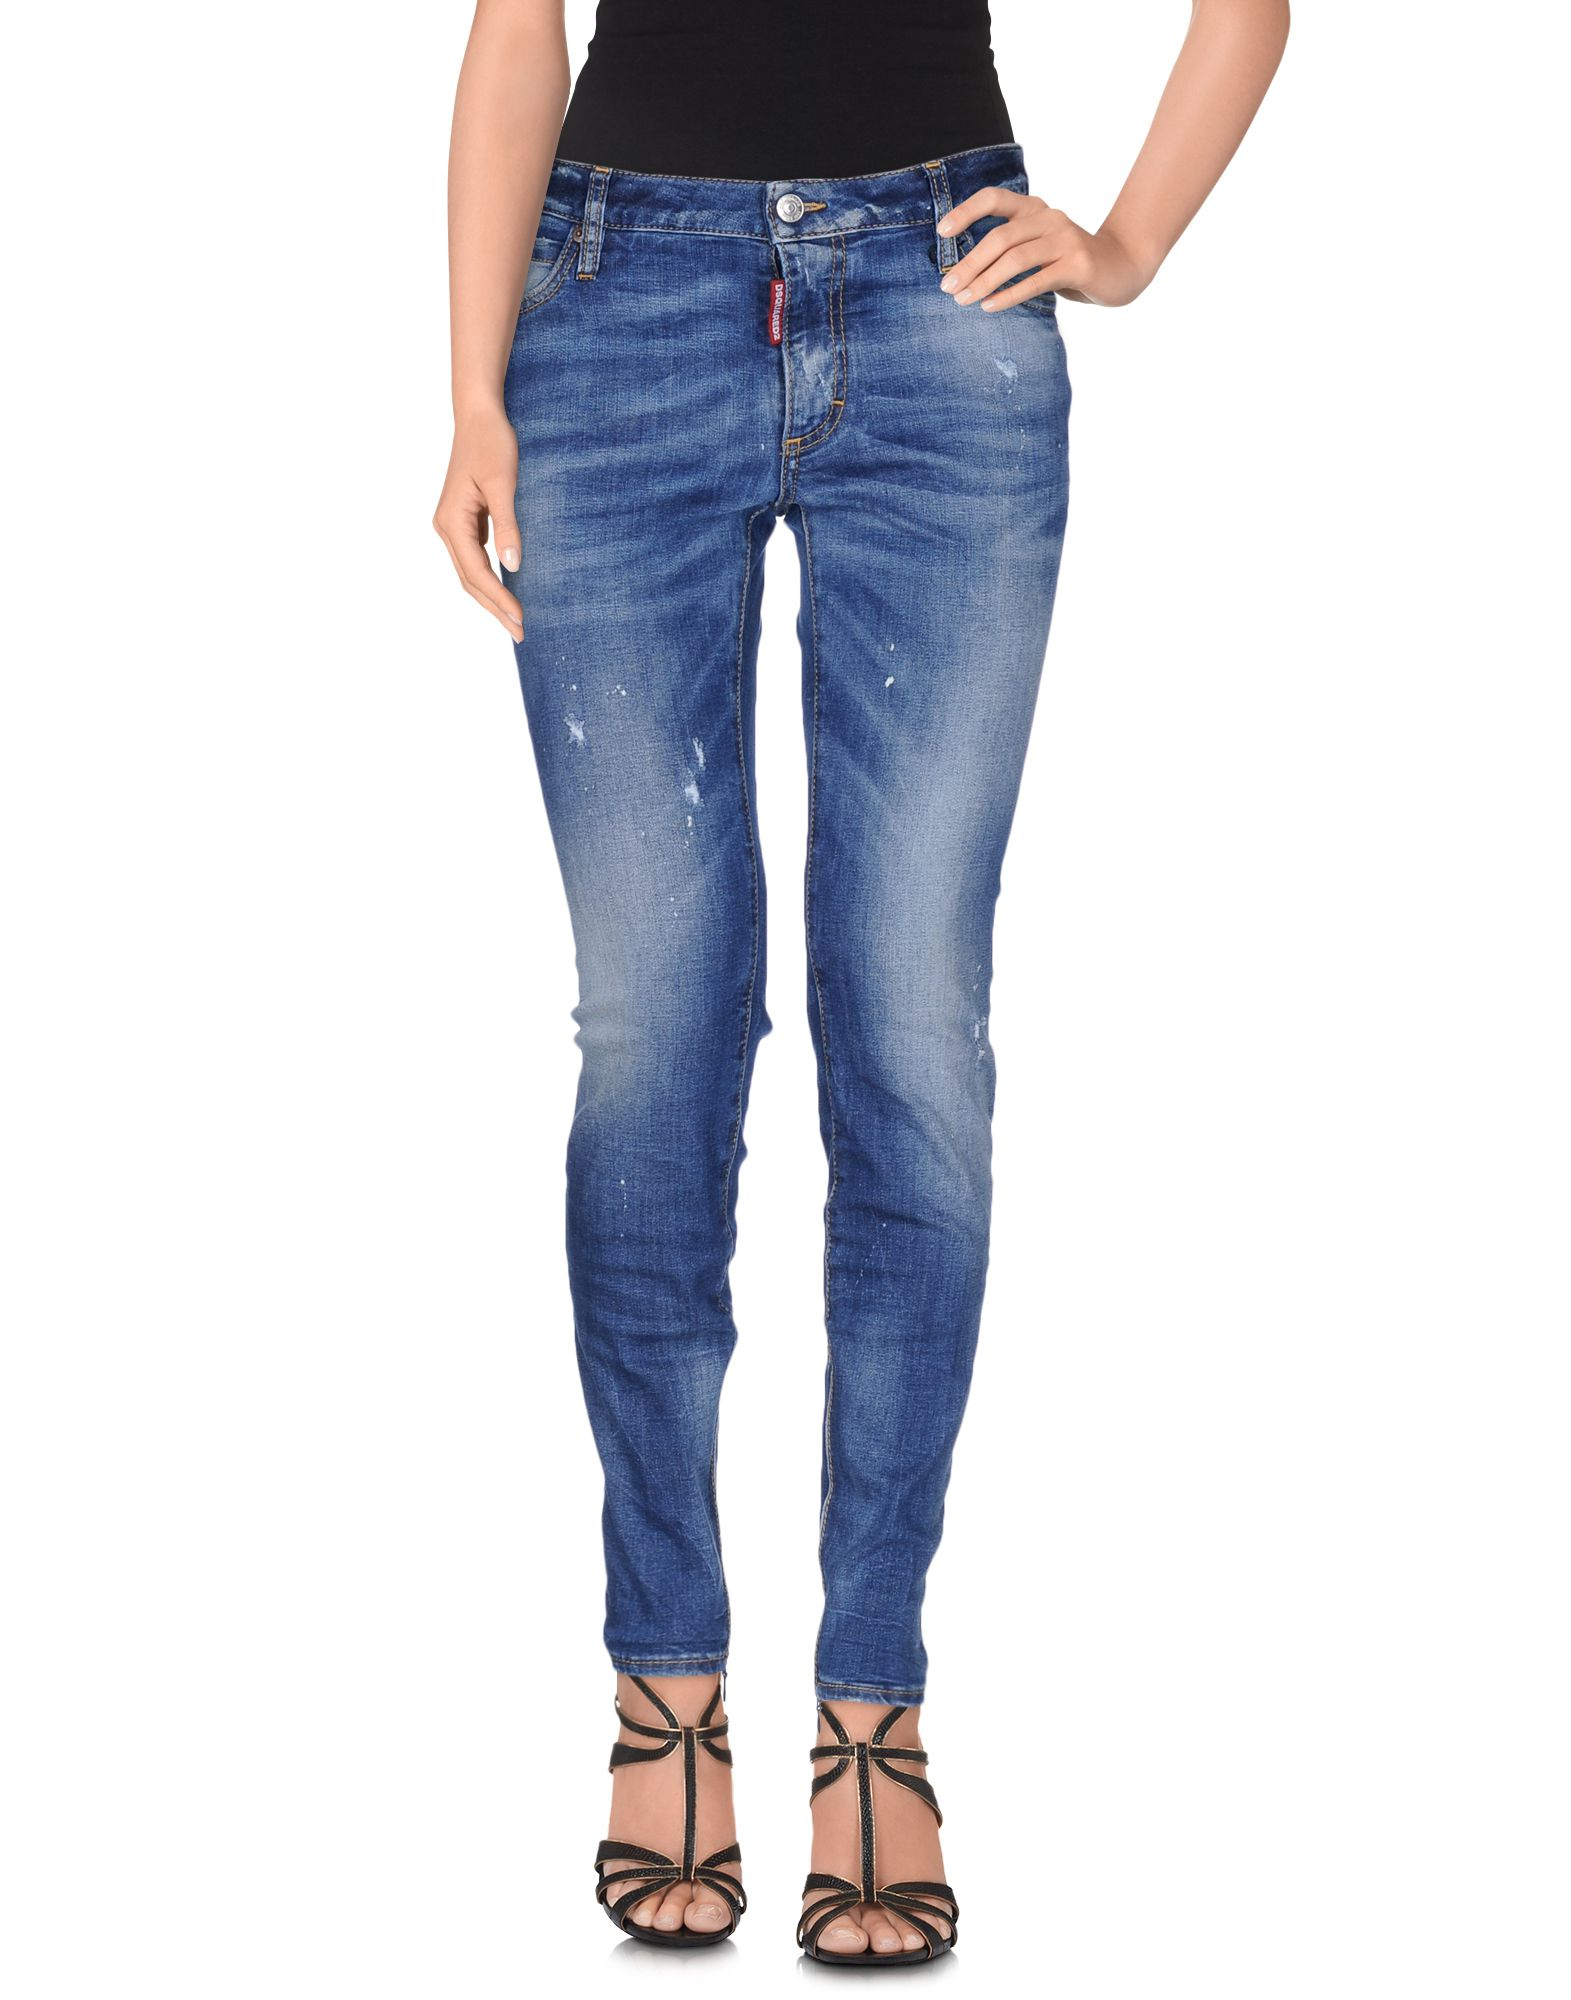 Pantaloni Jeans Dsquarosso2 donna - 42533509BG 42533509BG 42533509BG 9e3